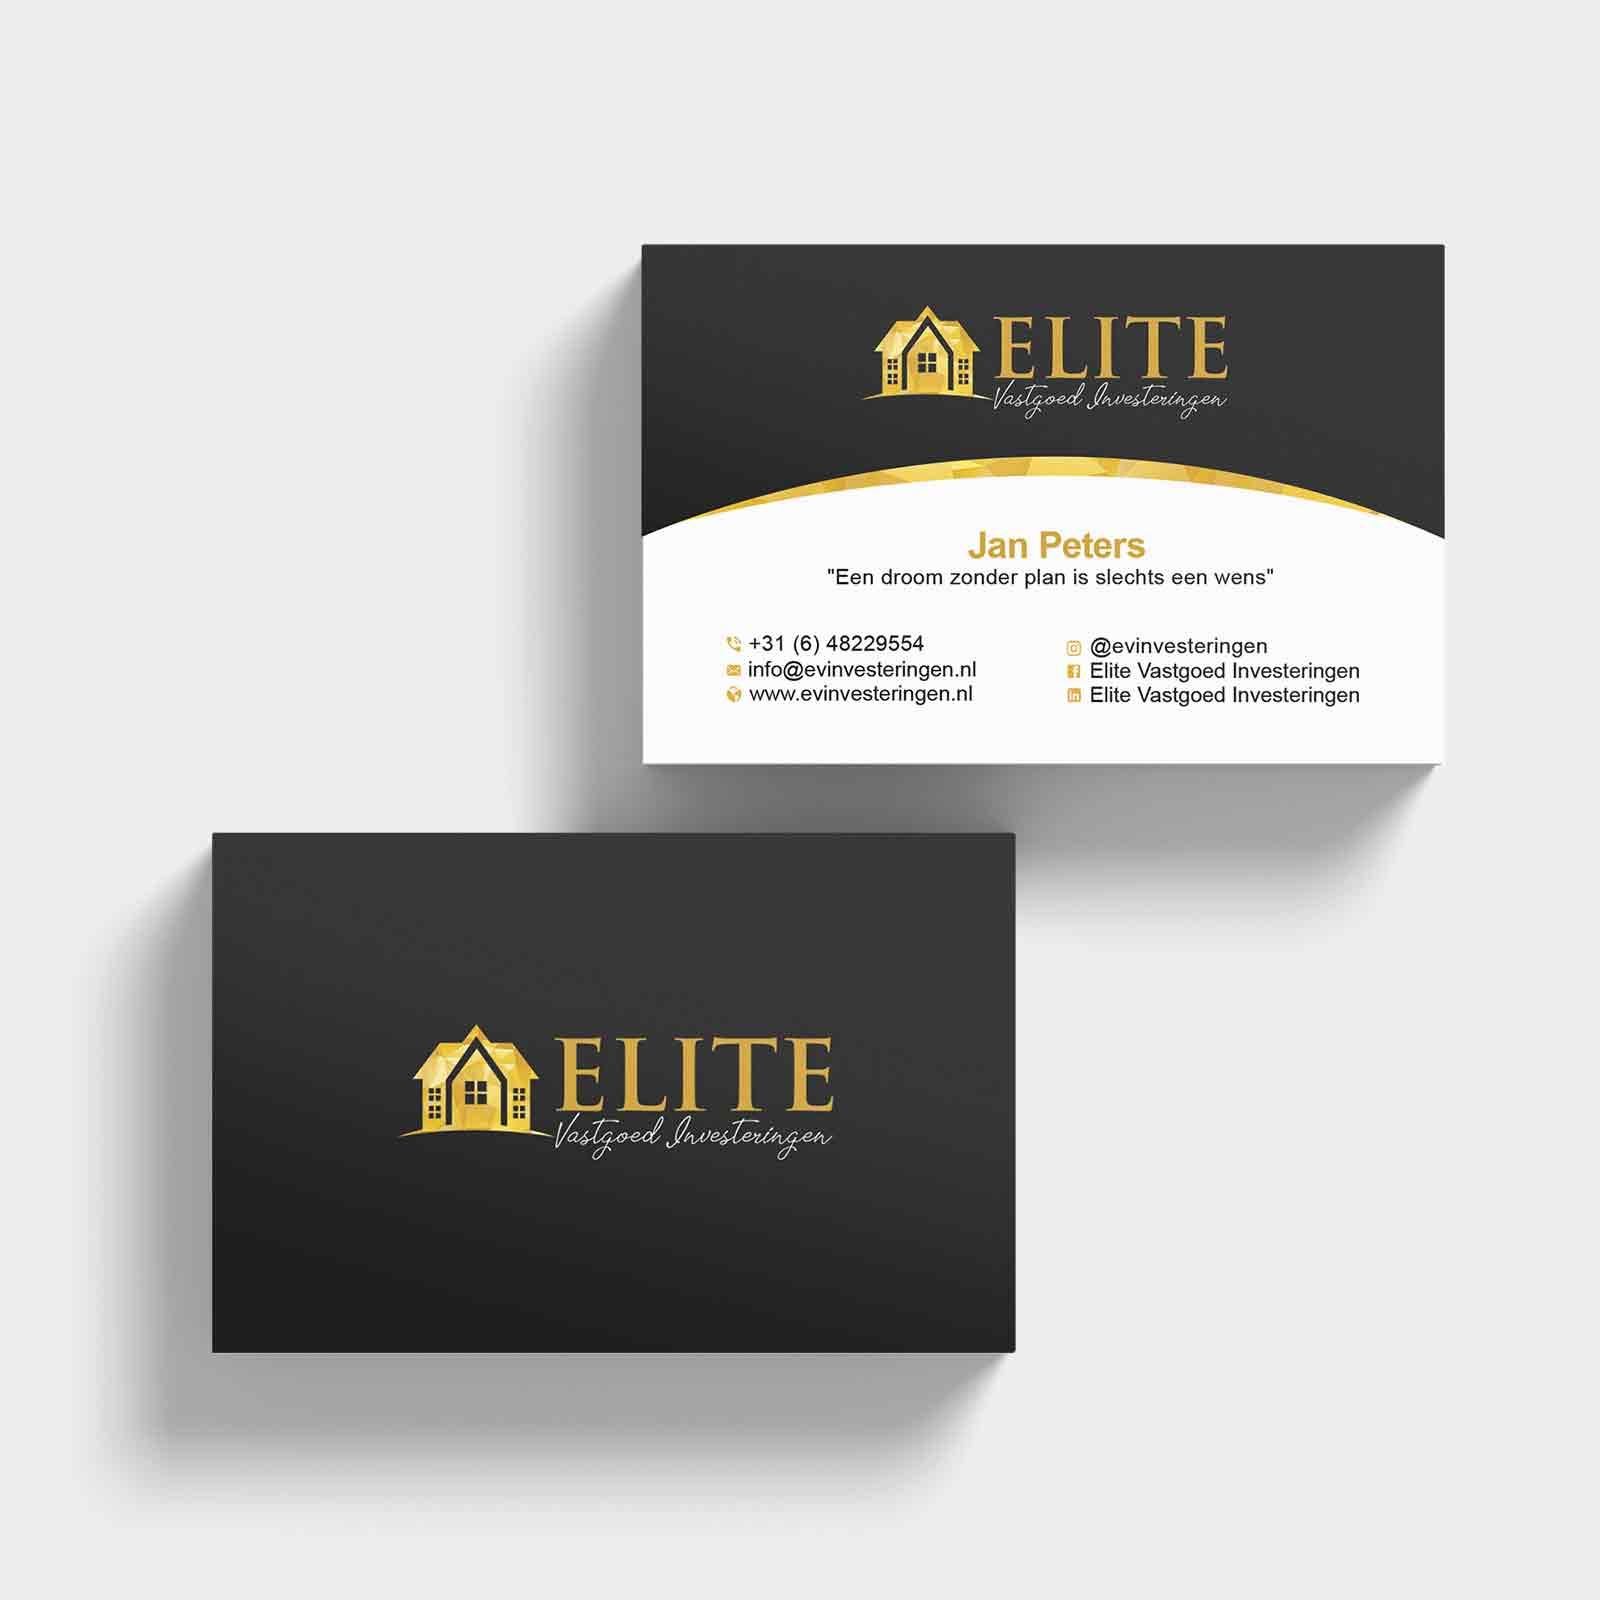 Elite vastgoedinvesteringen | DesignMyLogo